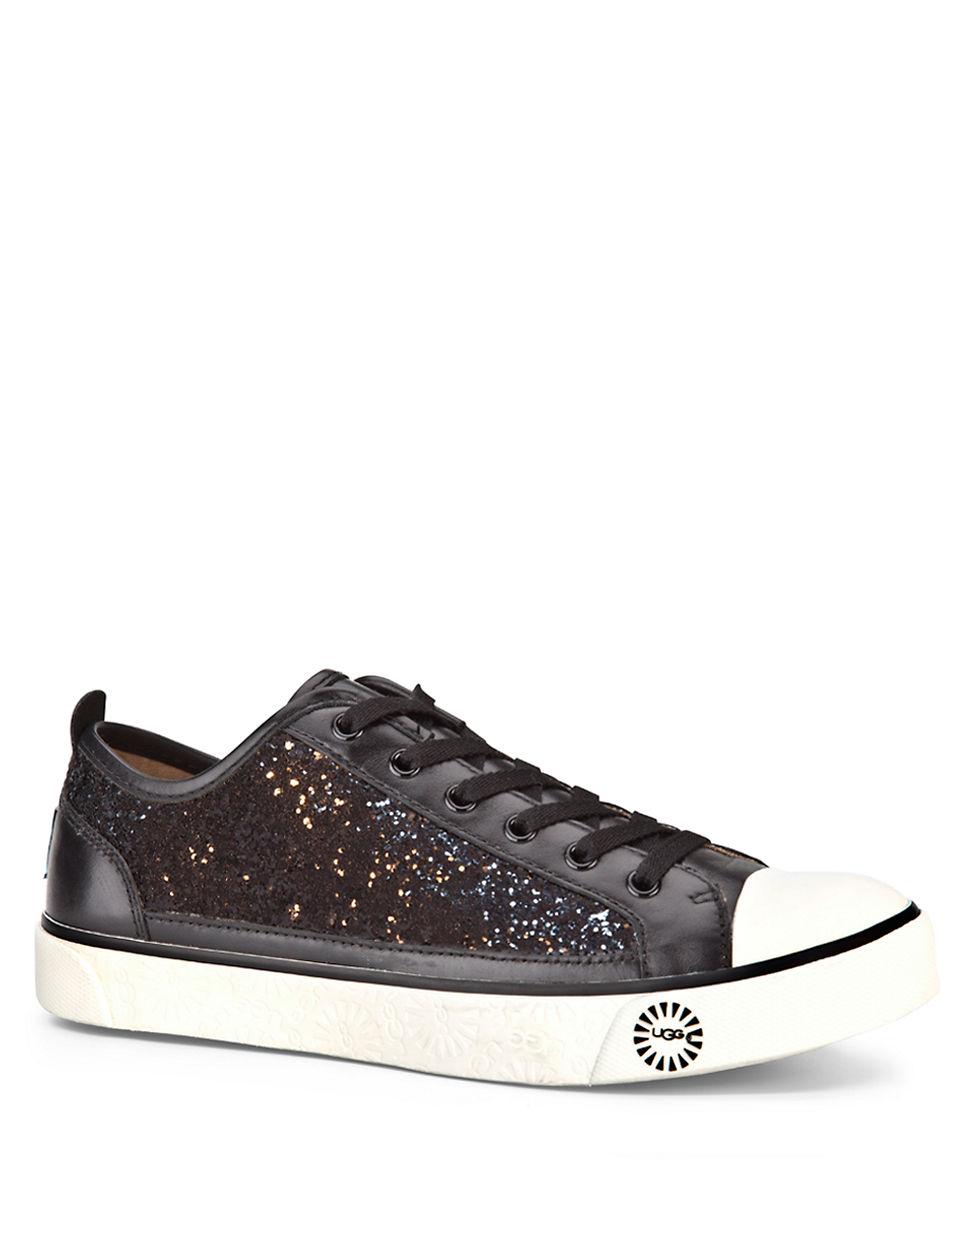 dbdb520240b UGG Evera Glitter Sneakers in Black - Lyst